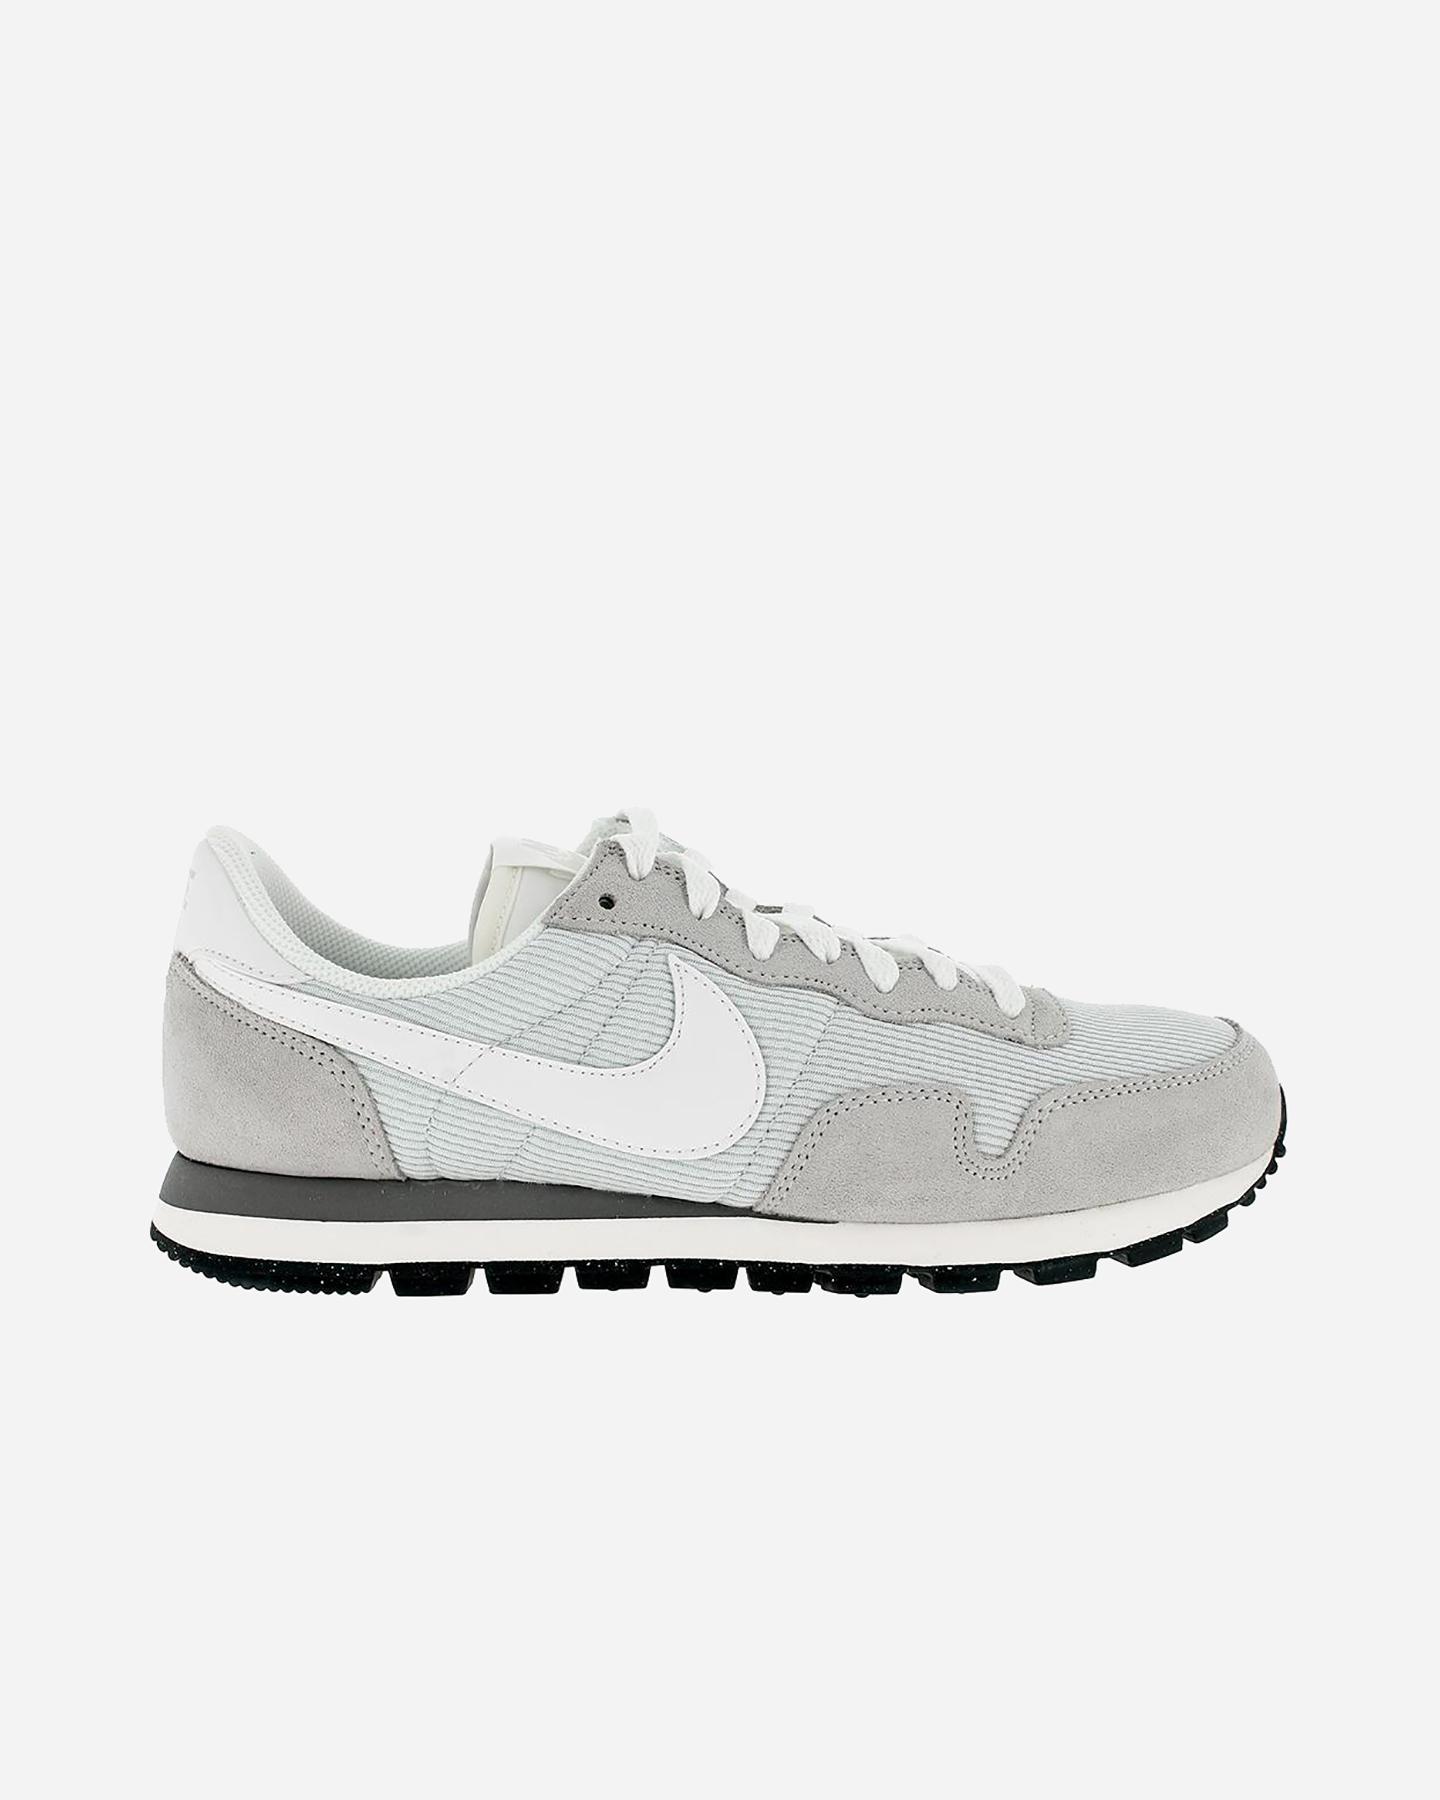 6a6a2dc2d878 Scarpe sneakers NIKE AIR ZOOM PEGASUS  83 W ...